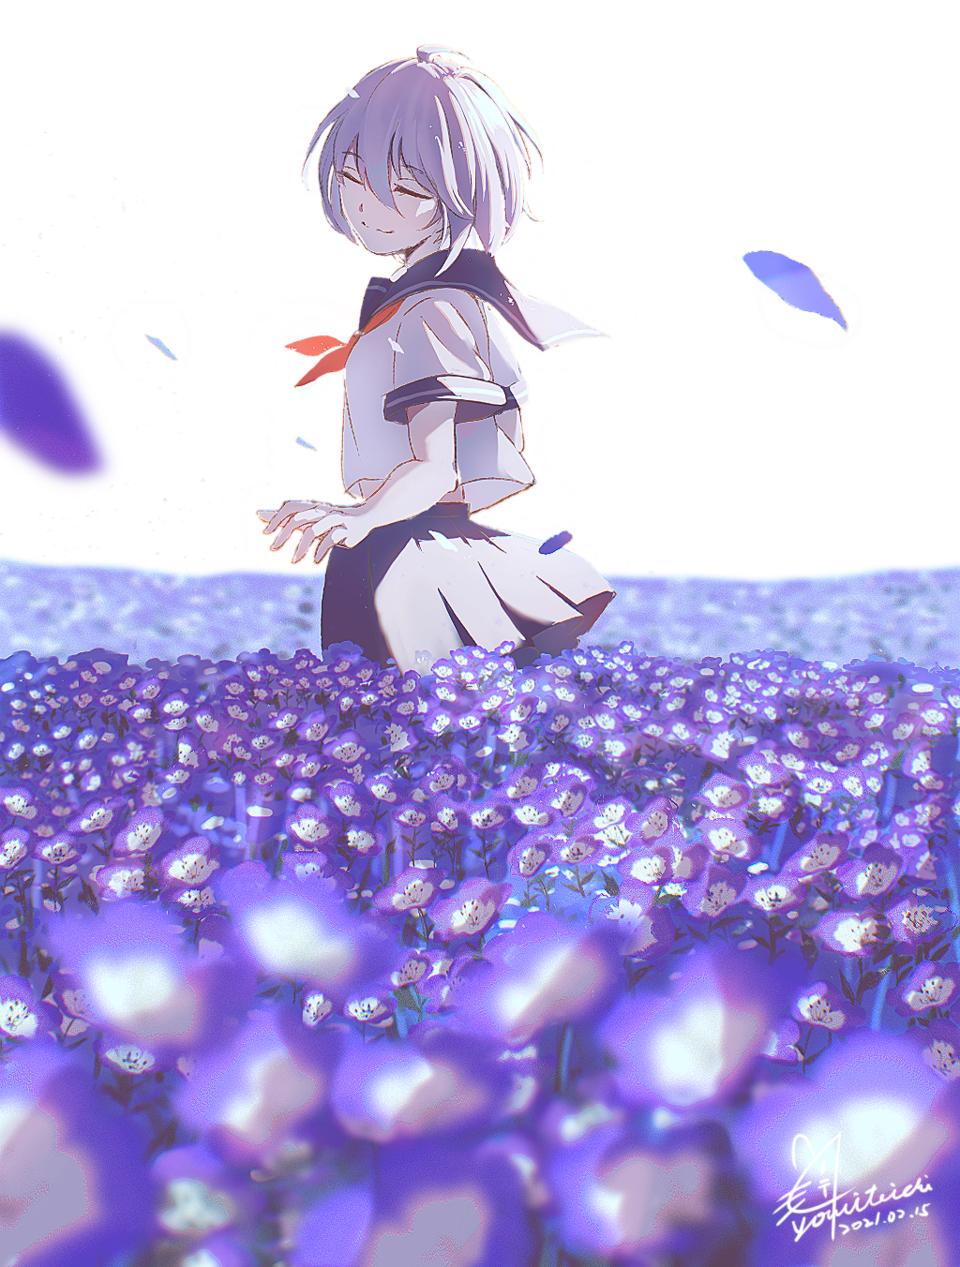 藍のエレジー Illust of 陳田こころ January2021_Contest:OC April2021_Flower illustration painting モネフィラ oc girl sailor_uniform